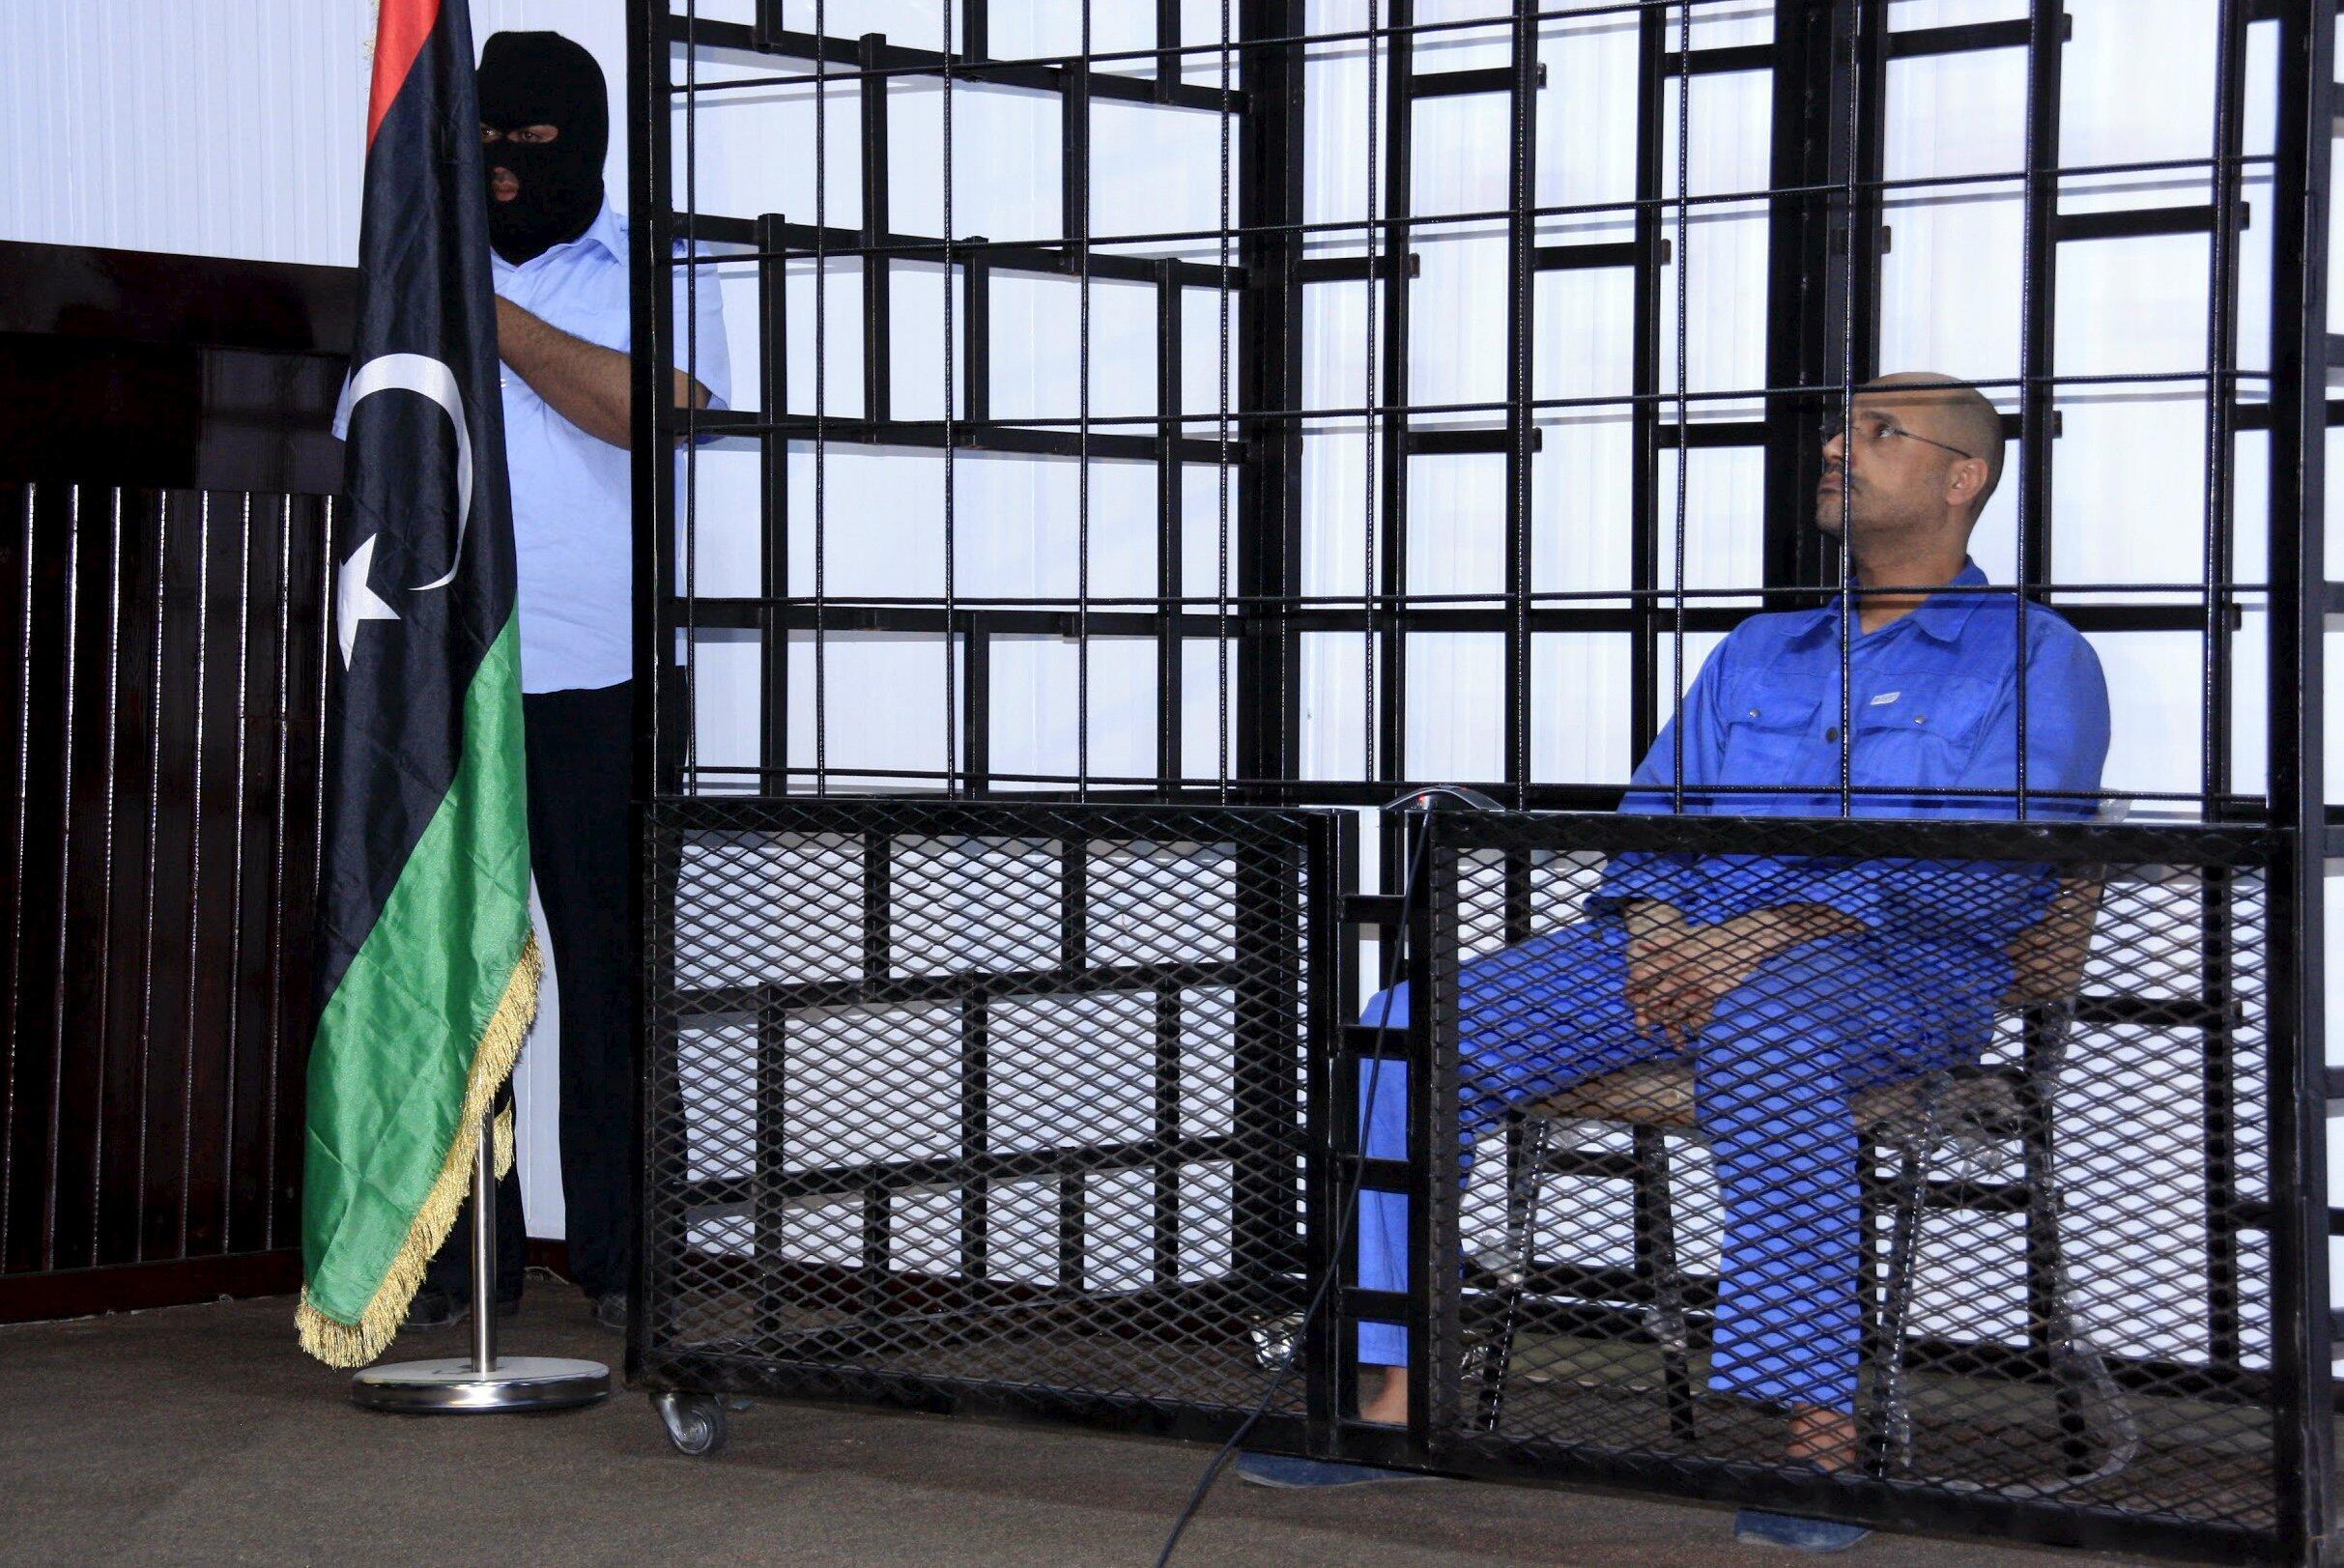 Сейф аль-Ислам Каддафи, сын бывшего ливийского лидера Муаммара Каддафи, удерживается повстанцами в городе Зентен, на юго-западе от Триполи, 25 мая 2014.